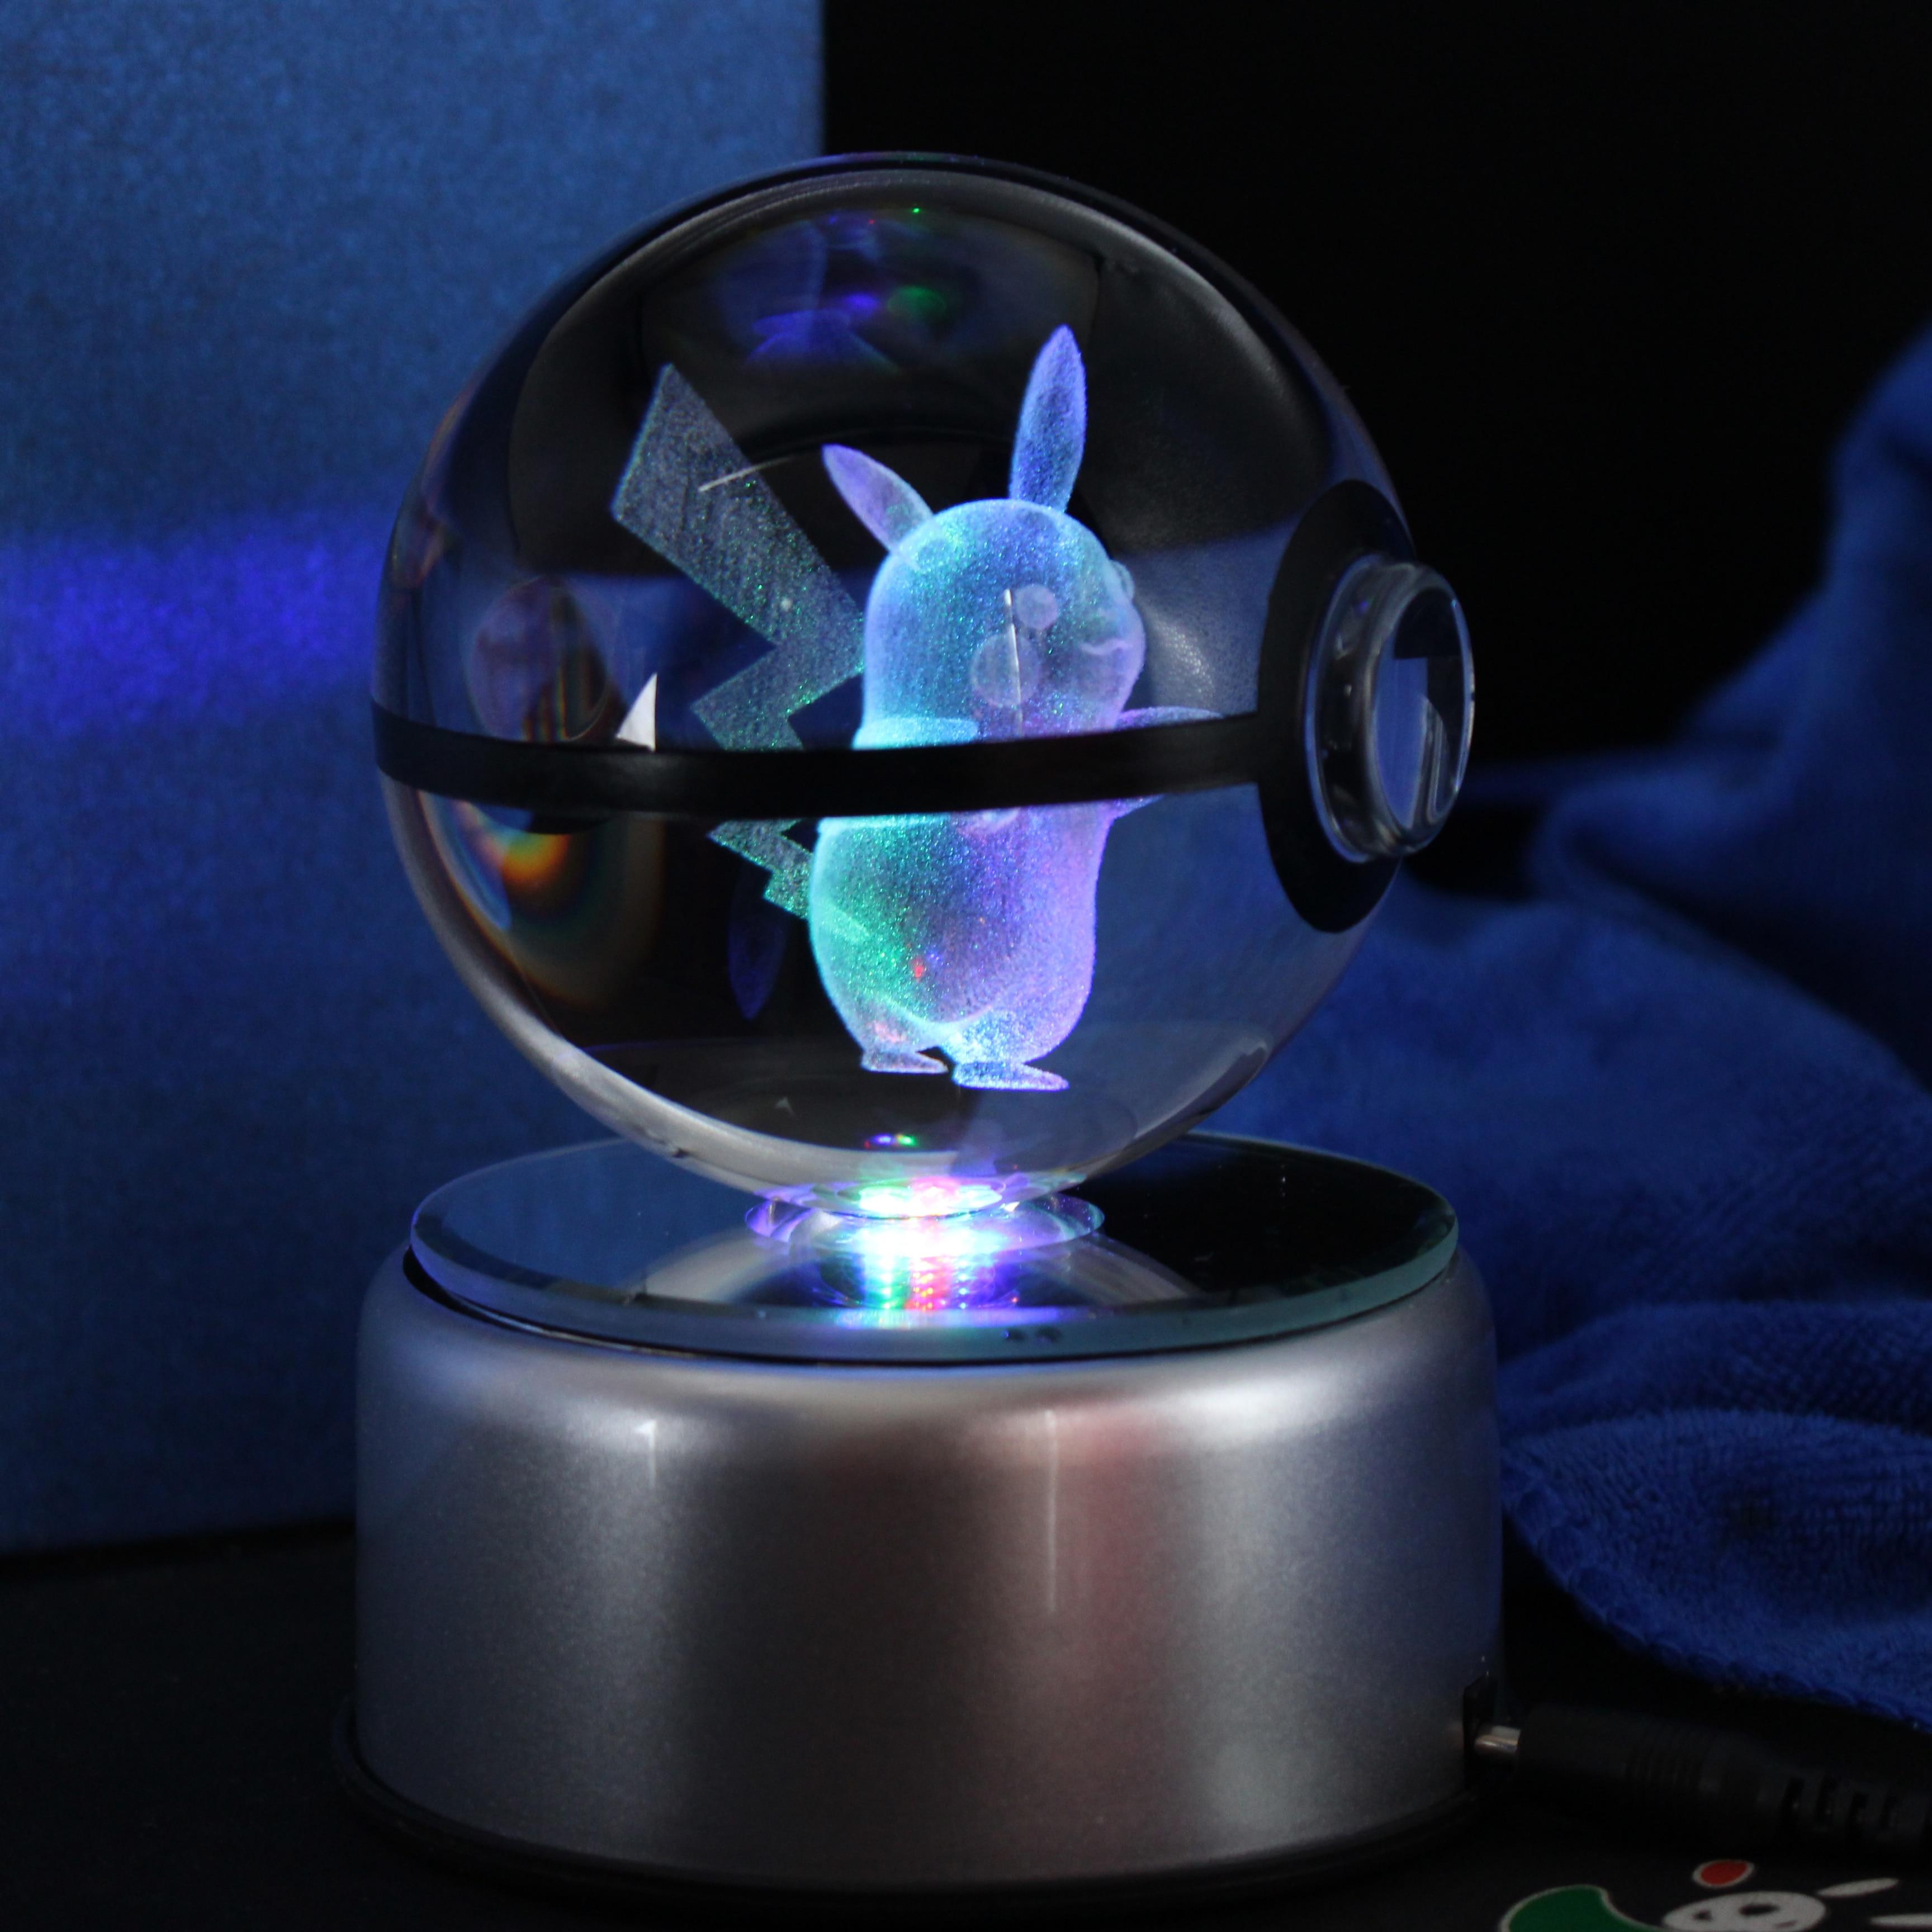 Pokeball populaire en verre de cristal de diamètre de 80mm 3.15 pouces avec la Base de lampe à LED tournée cadeaux de noël